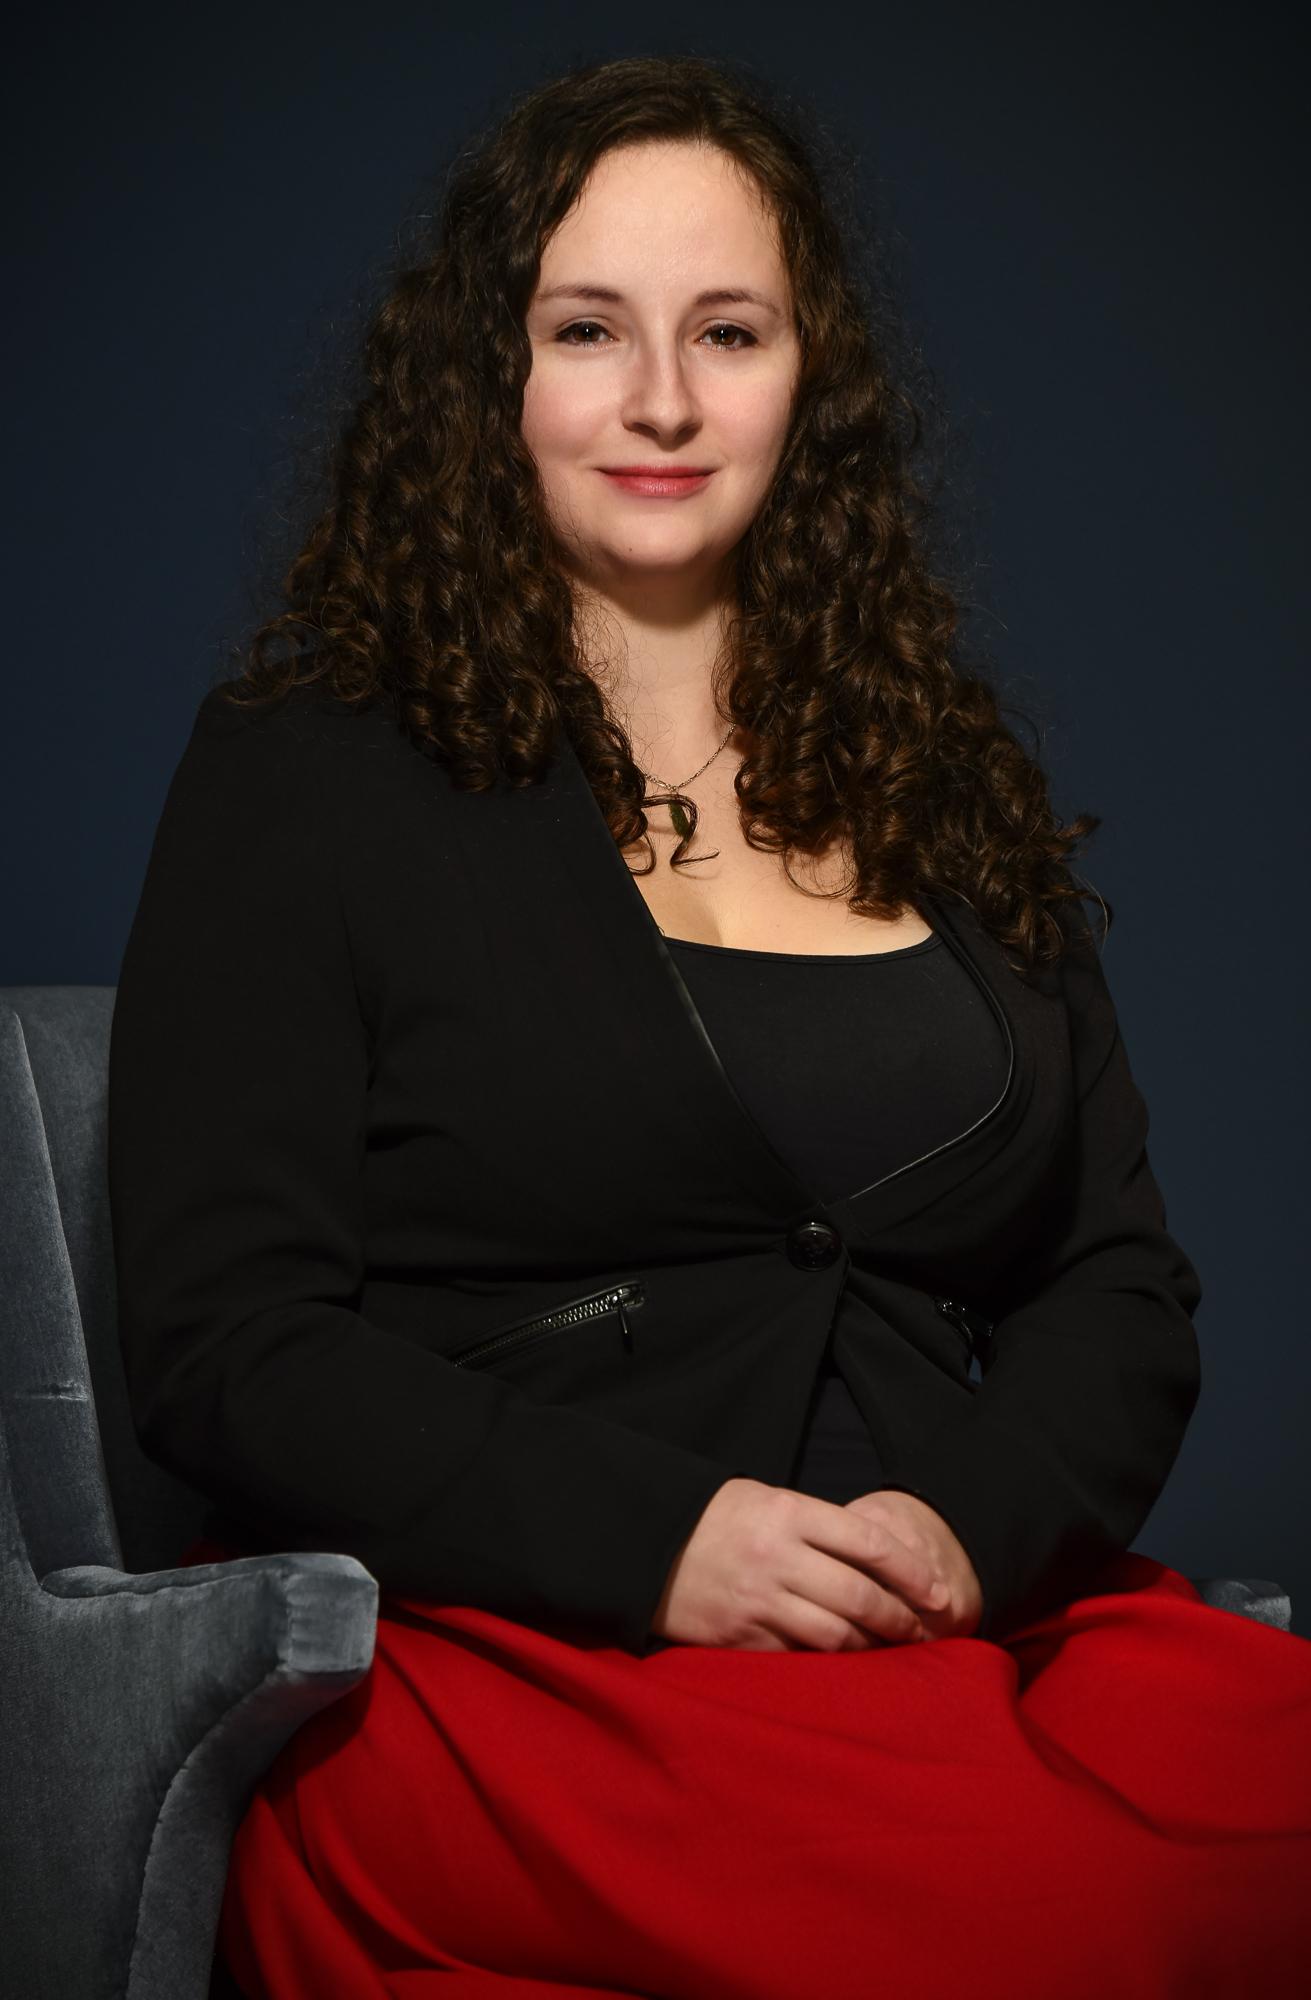 Veronika Tlachová